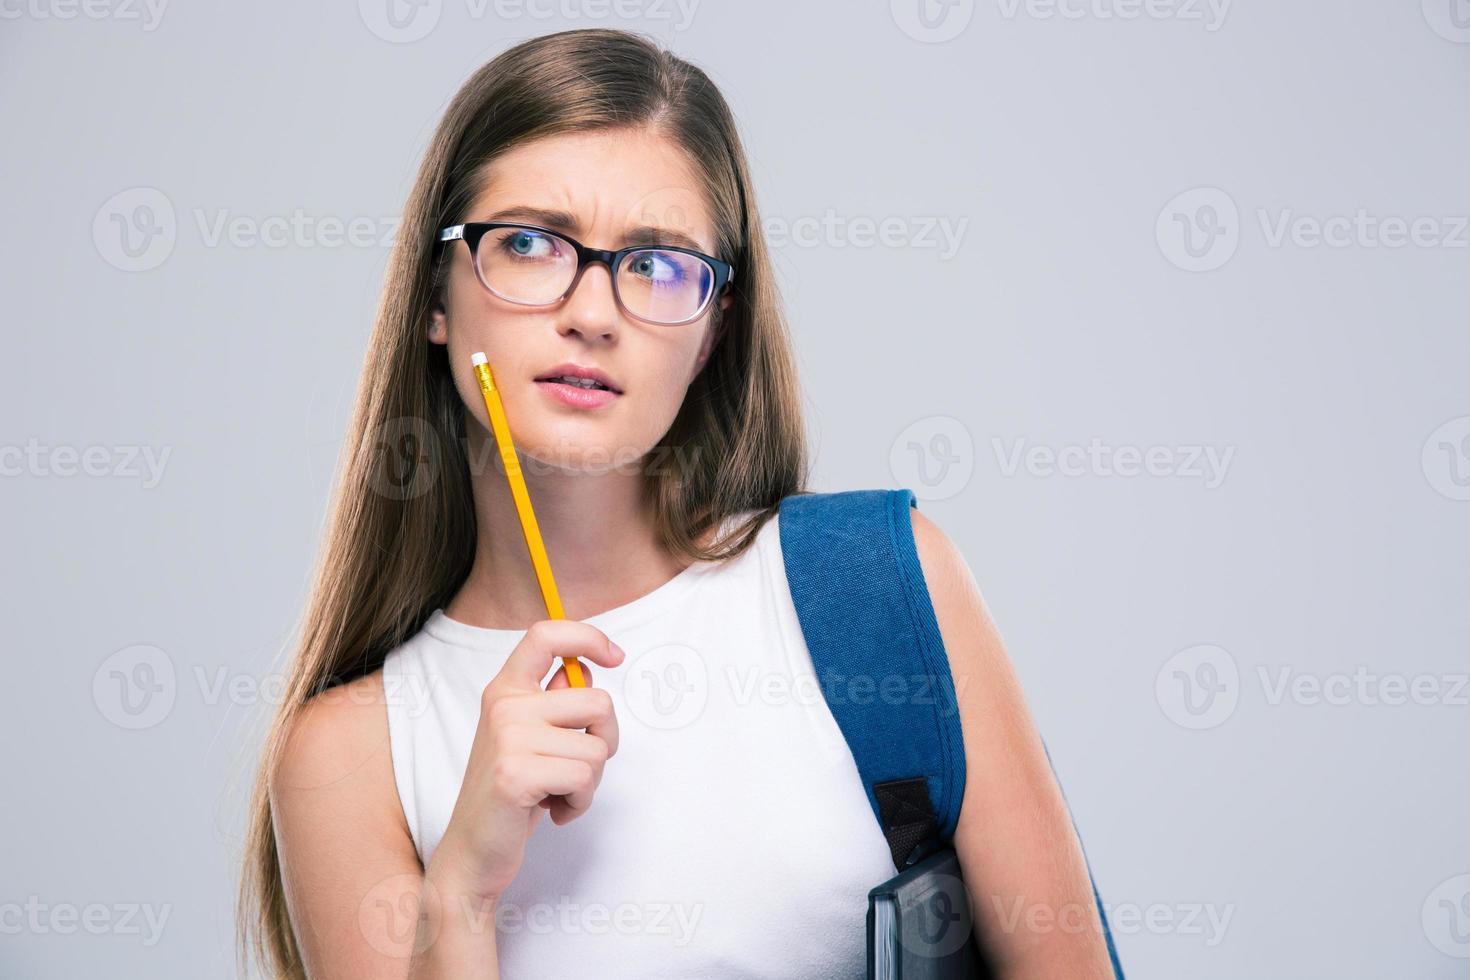 nachdenklicher weiblicher Teenager, der Bleistift hält foto